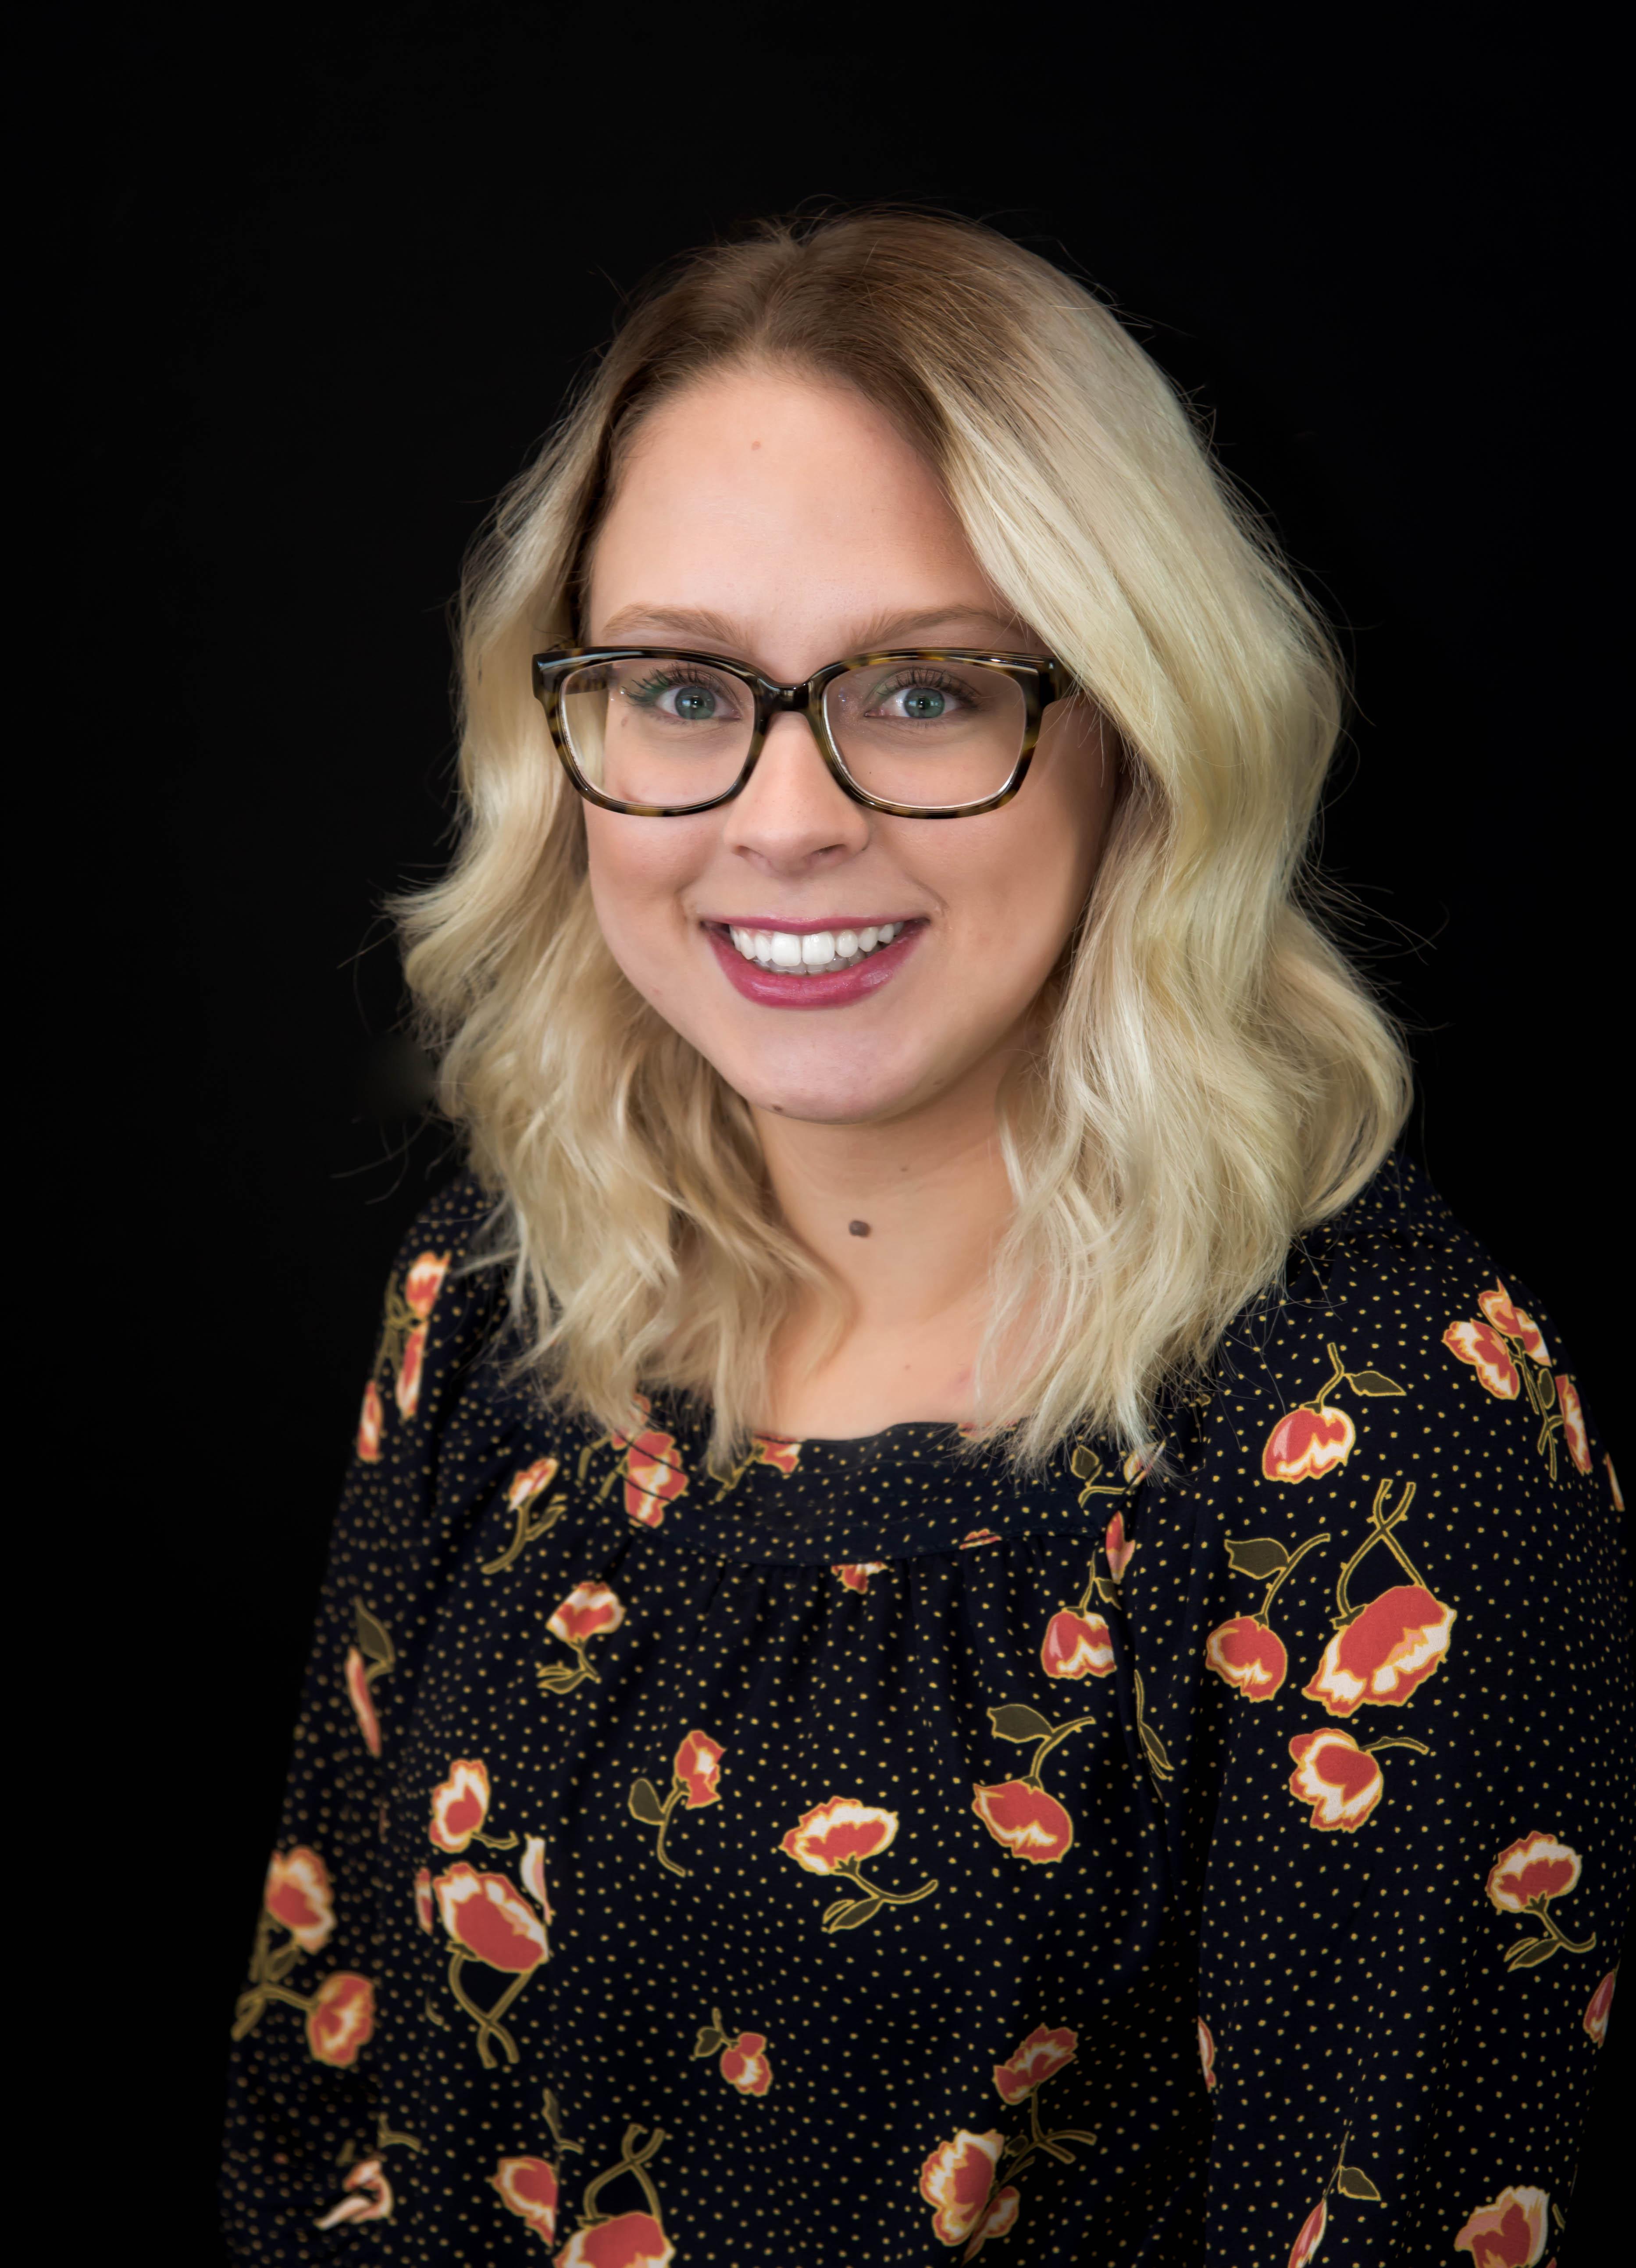 Maddie Jensen